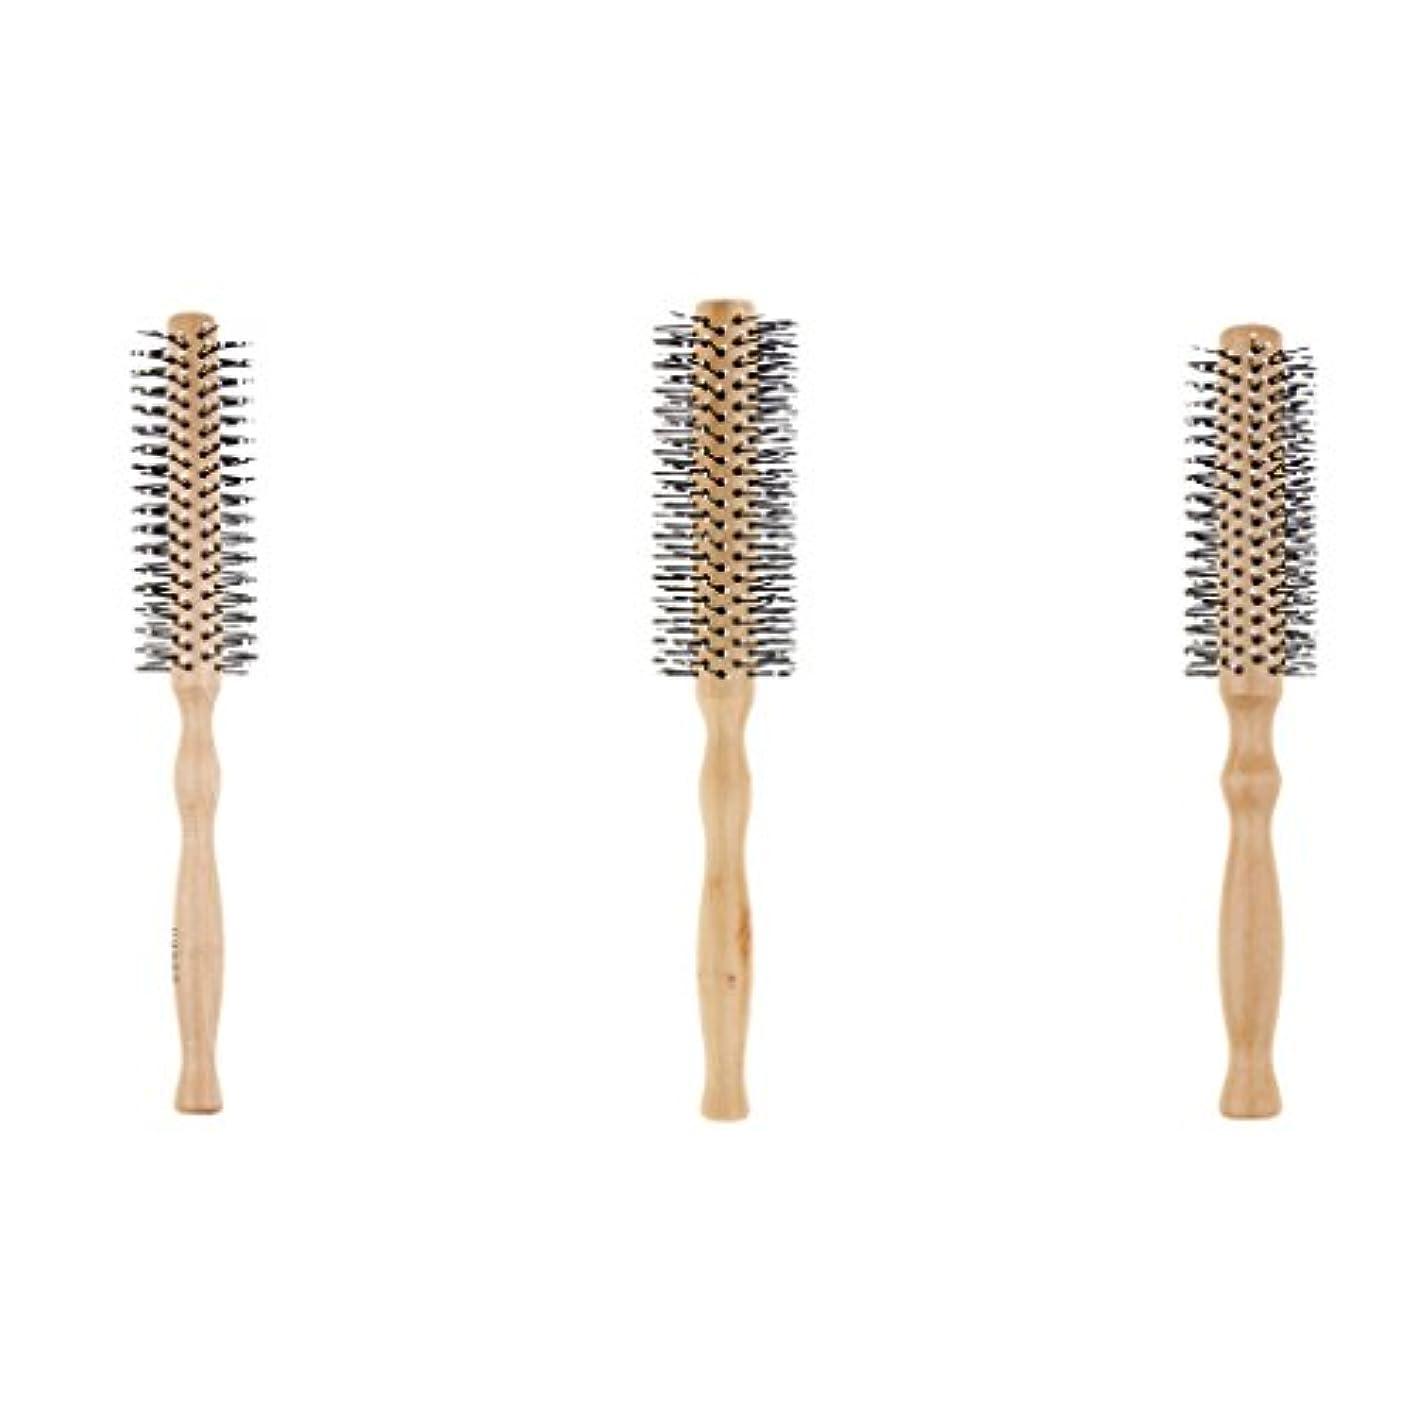 見捨てる巻き戻す私のヘアブラシ ラウンド ロールブラシ 巻き髪 木製櫛 3本